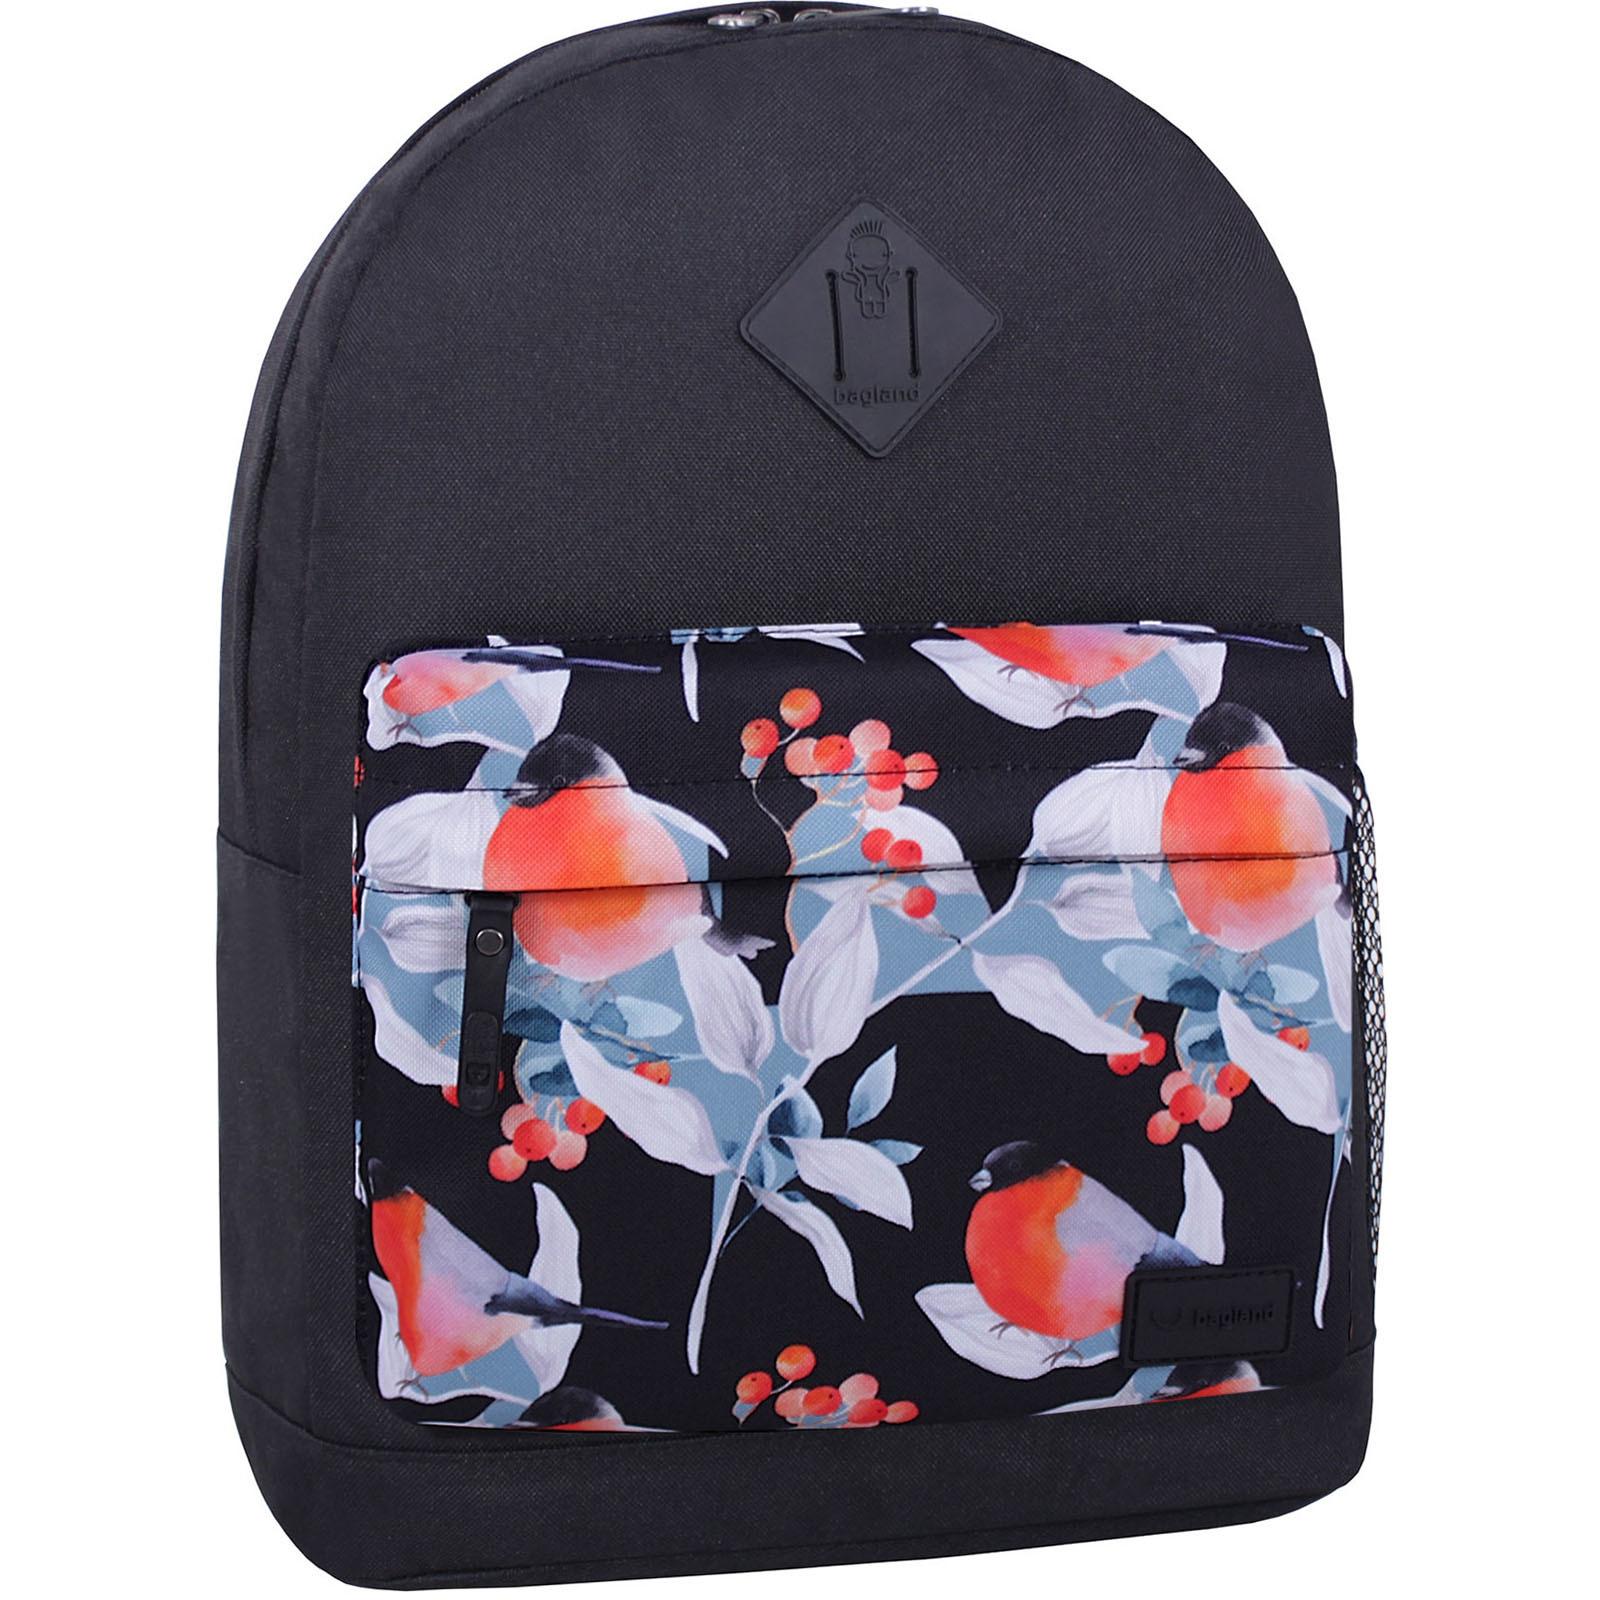 Городские рюкзаки Рюкзак Bagland Молодежный W/R 17 л. Черный 738 (00533662) IMG_6680_суб738_-1600.jpg